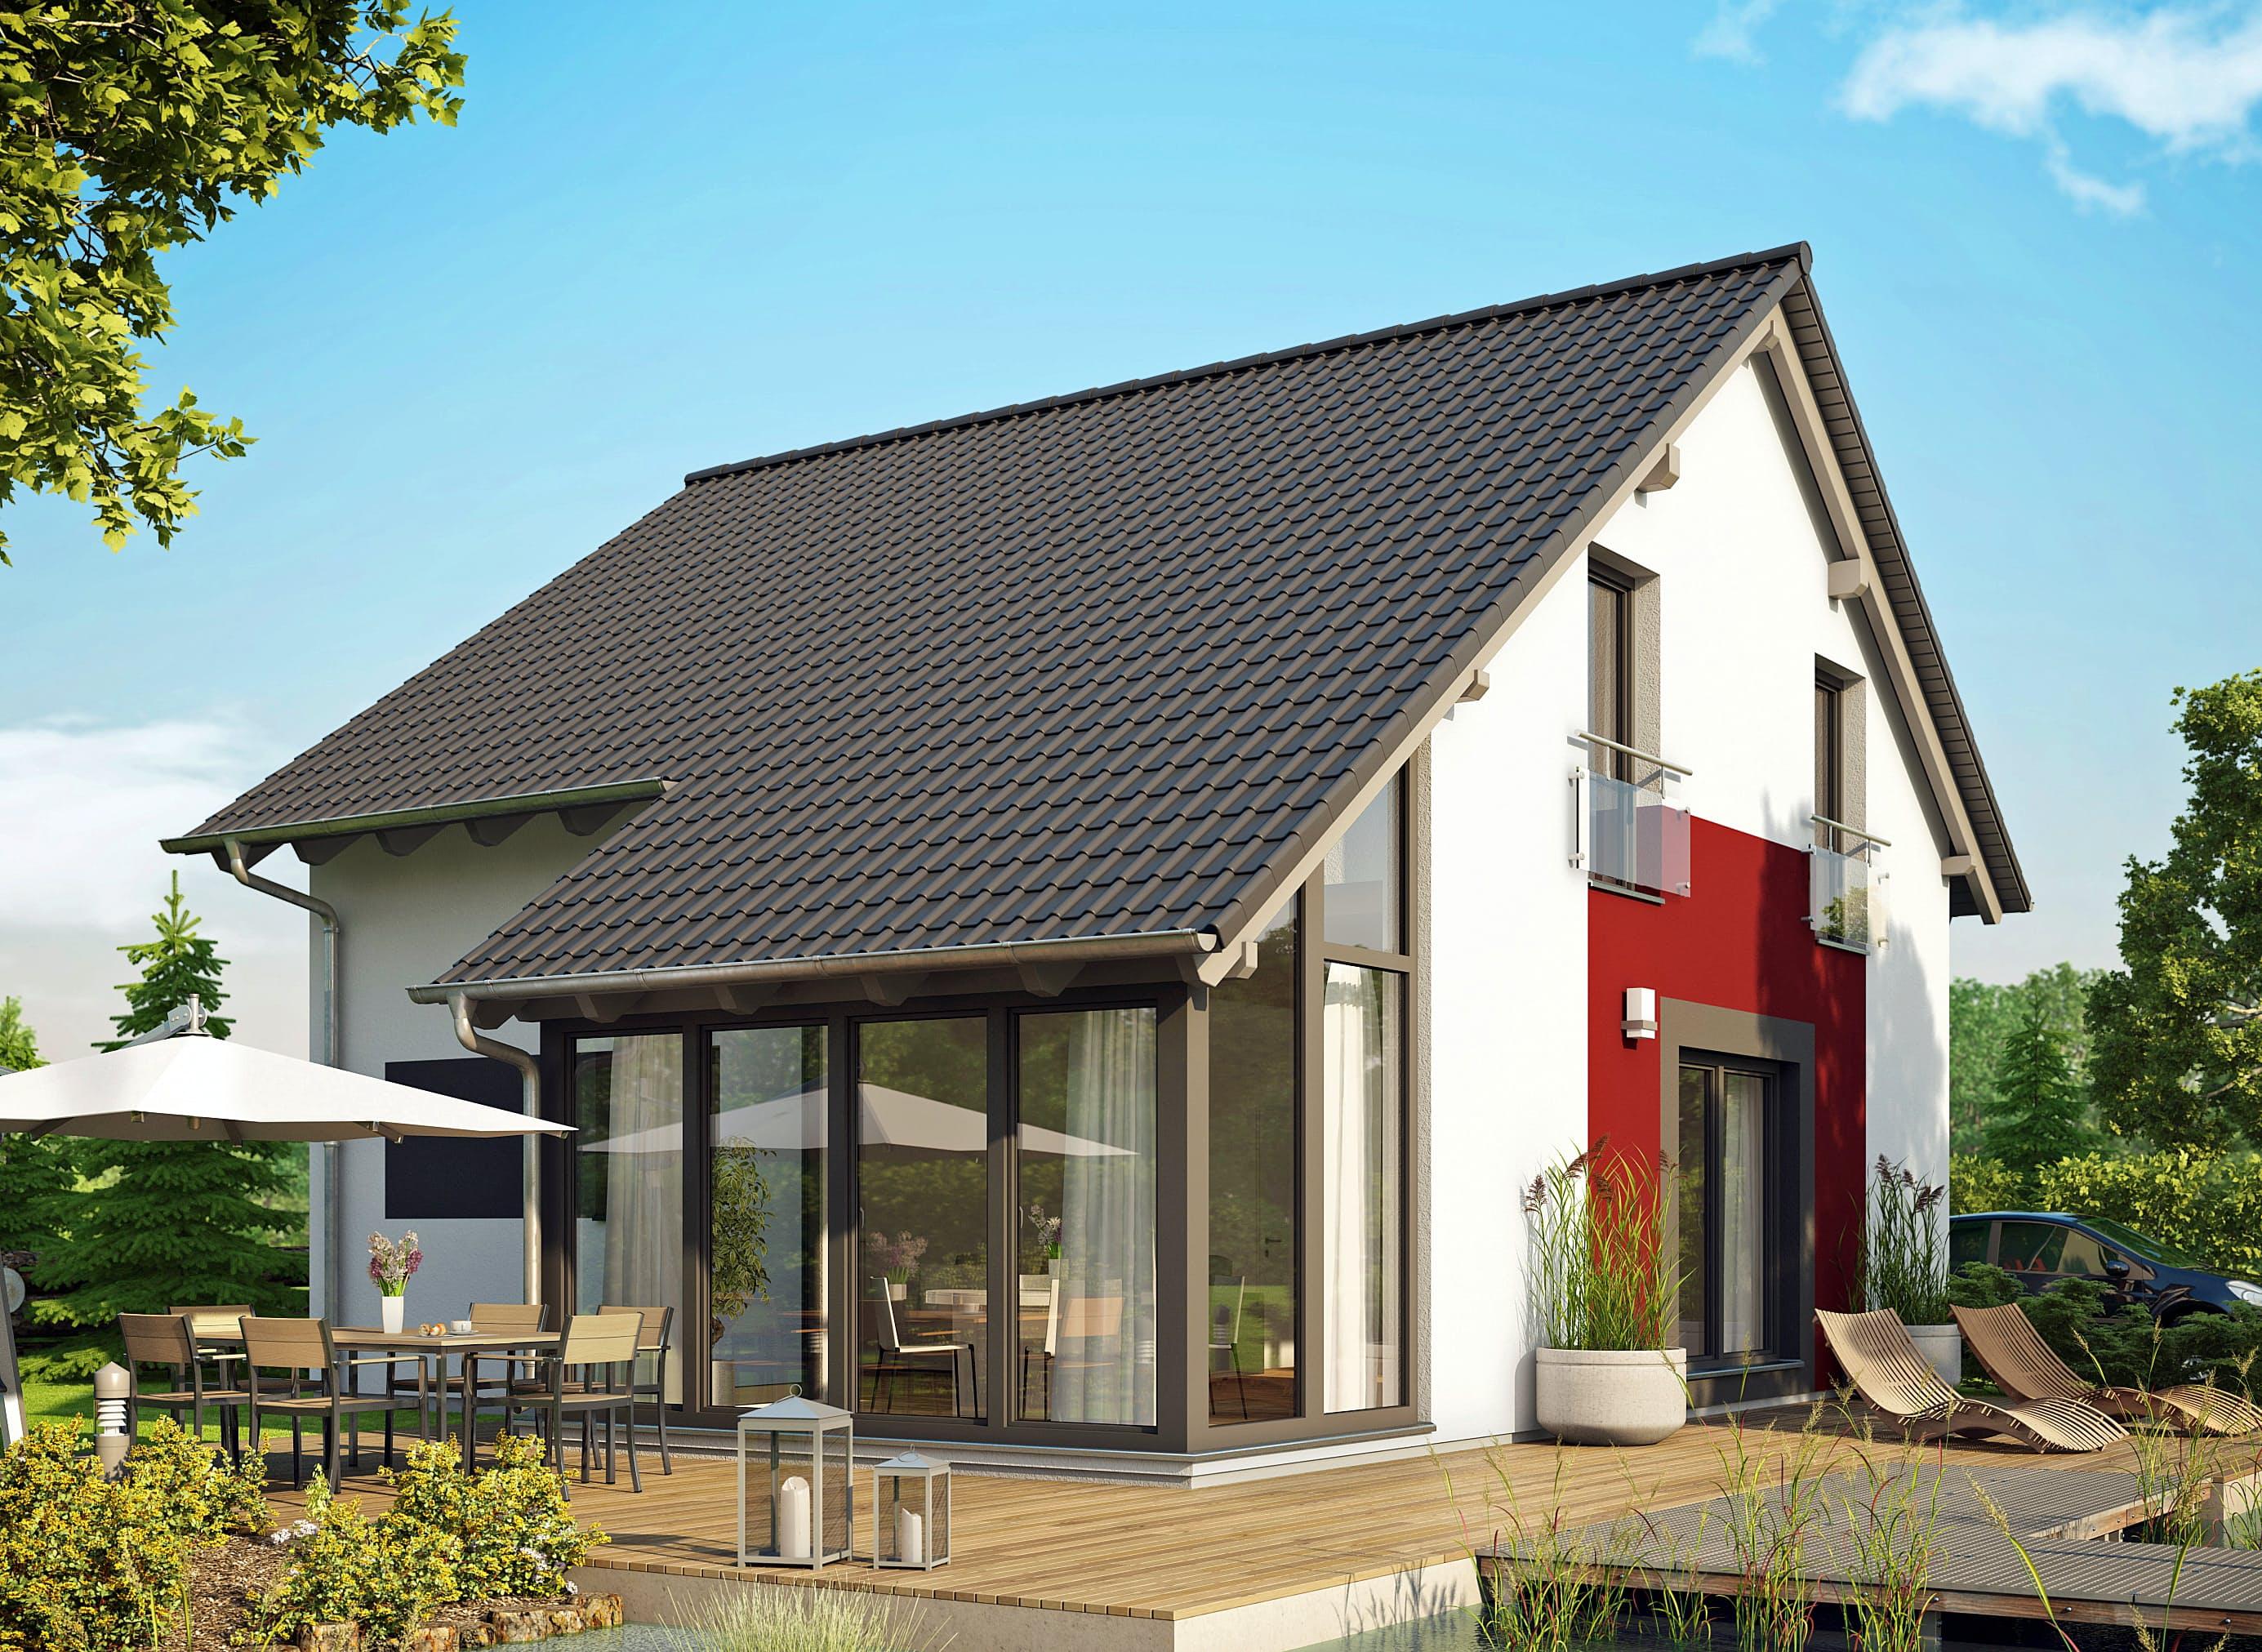 Top von Büdenbender Hausbau | Fertighaus.de